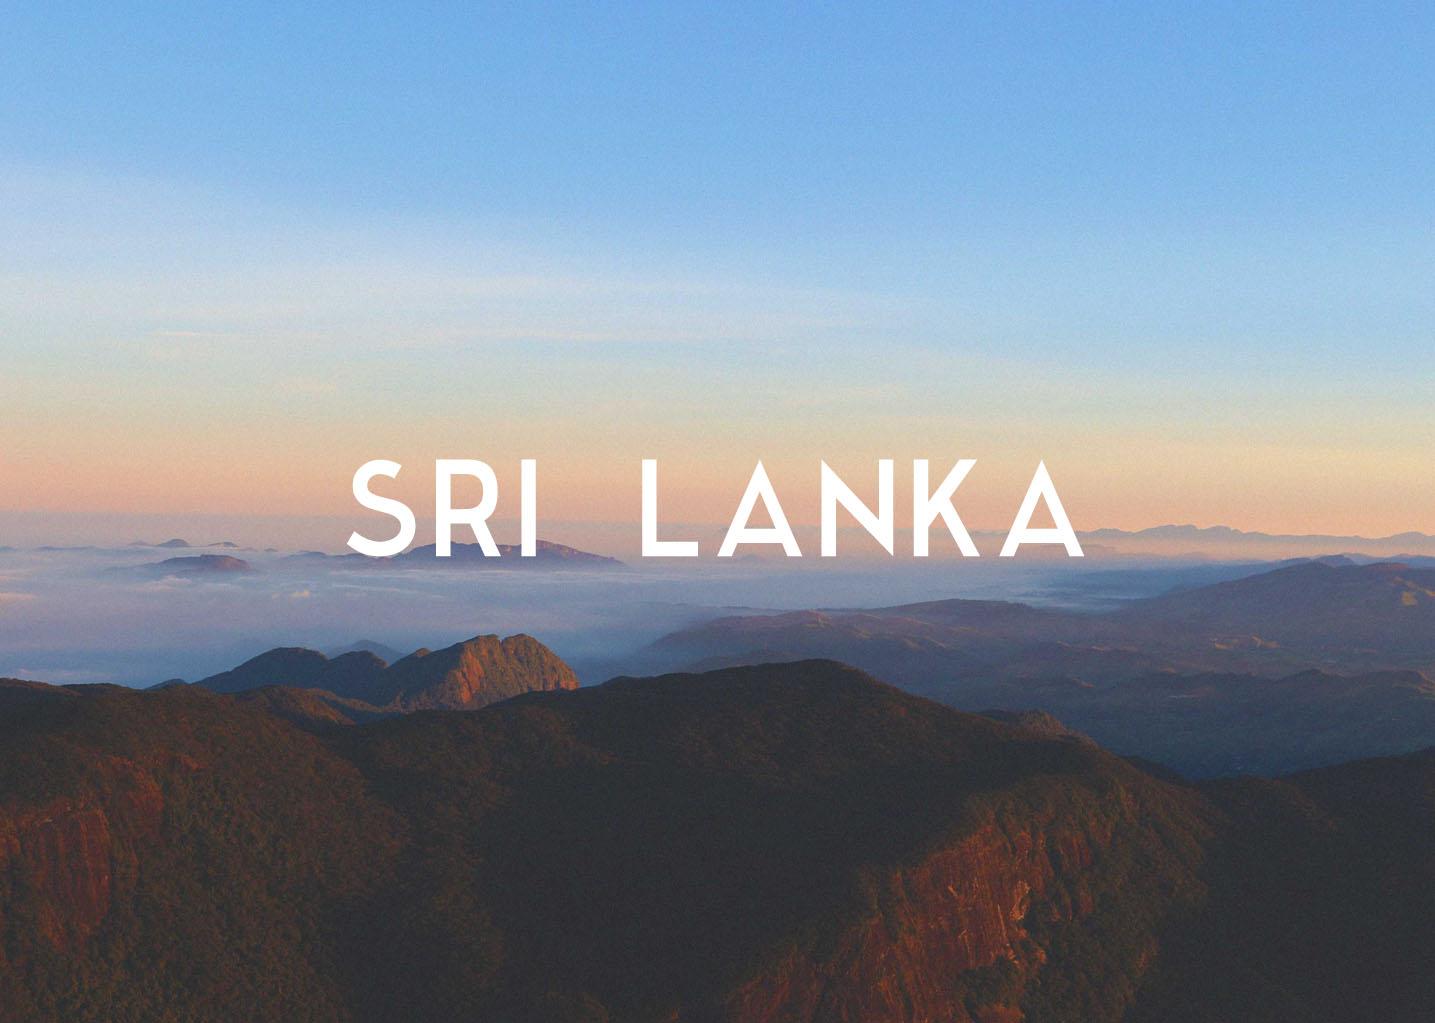 Sri Lanka Cover.jpg